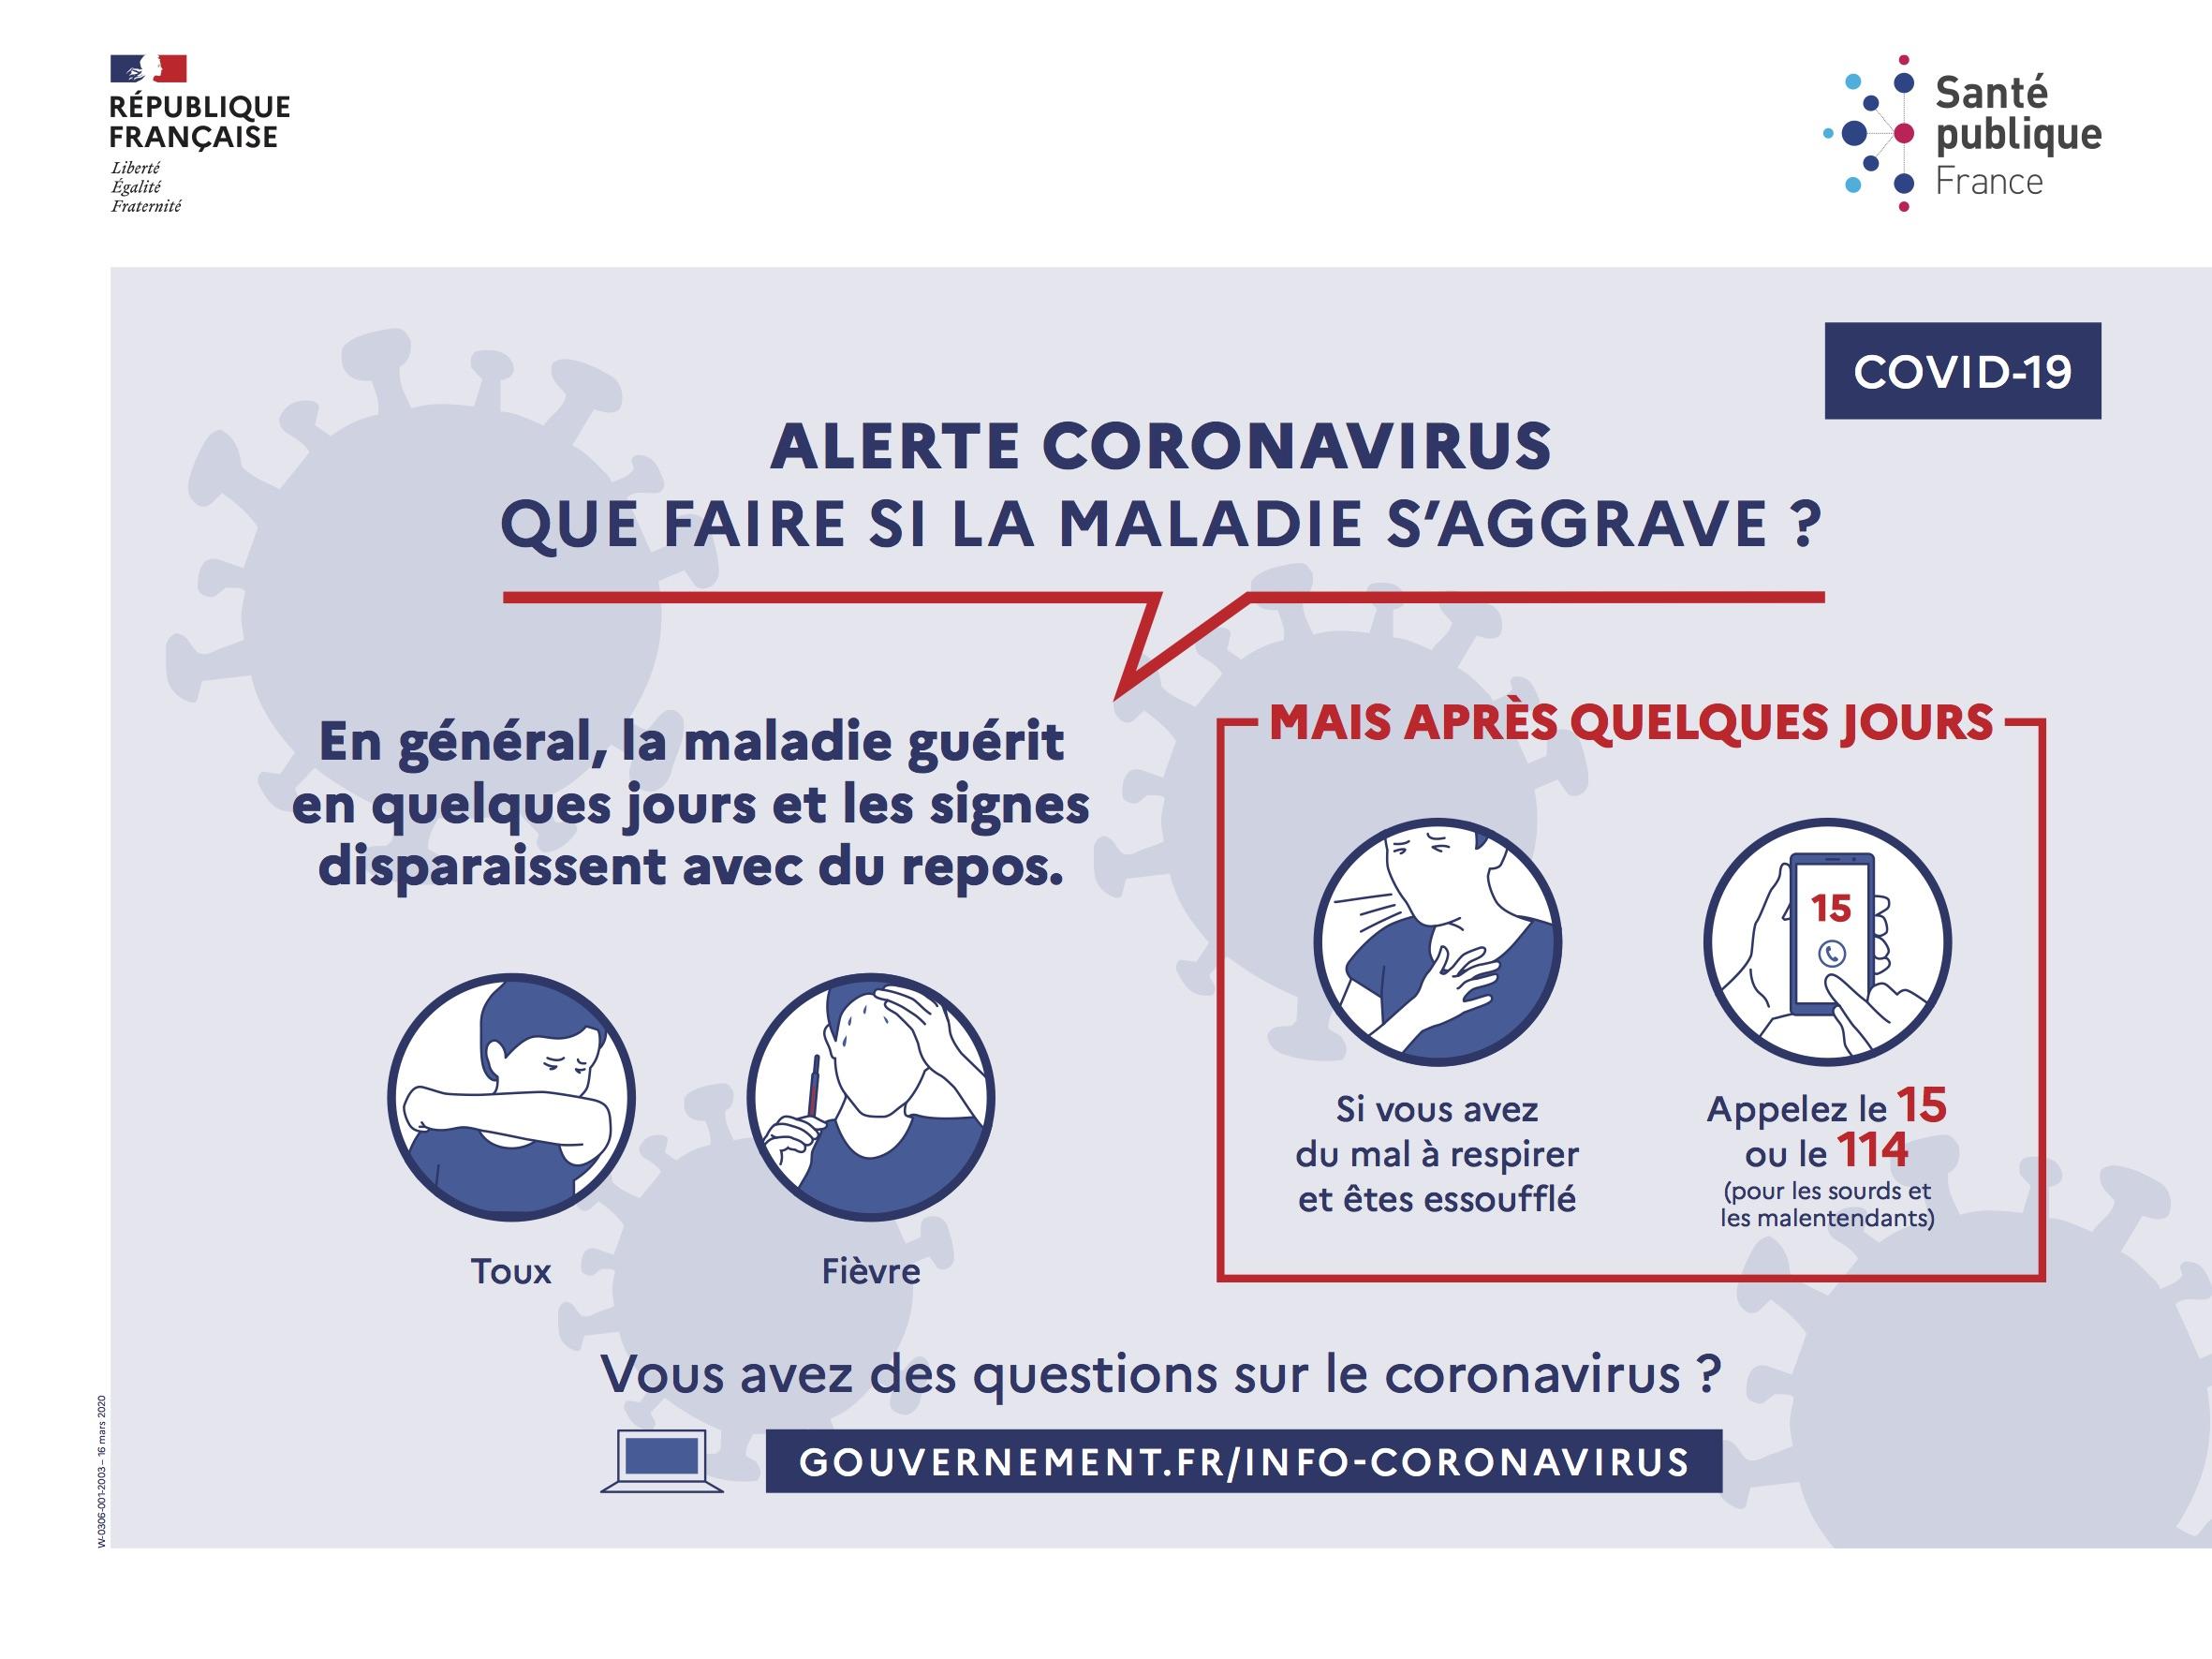 Alerte coronavirus : que faire si la maladie s'aggrave ?